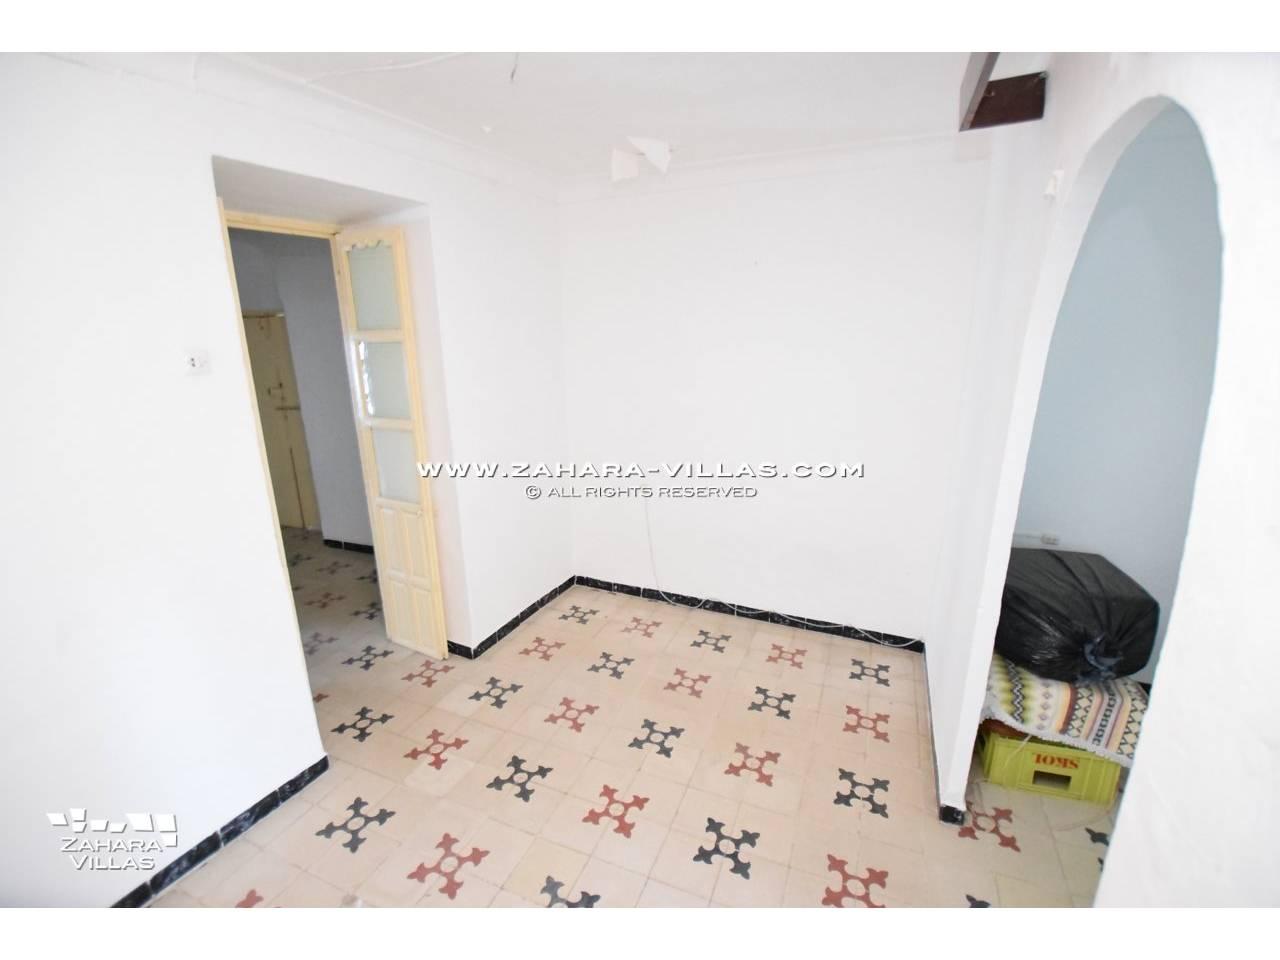 Imagen 18 de Historic buildings for sale in Vejer de la Frontera are sold